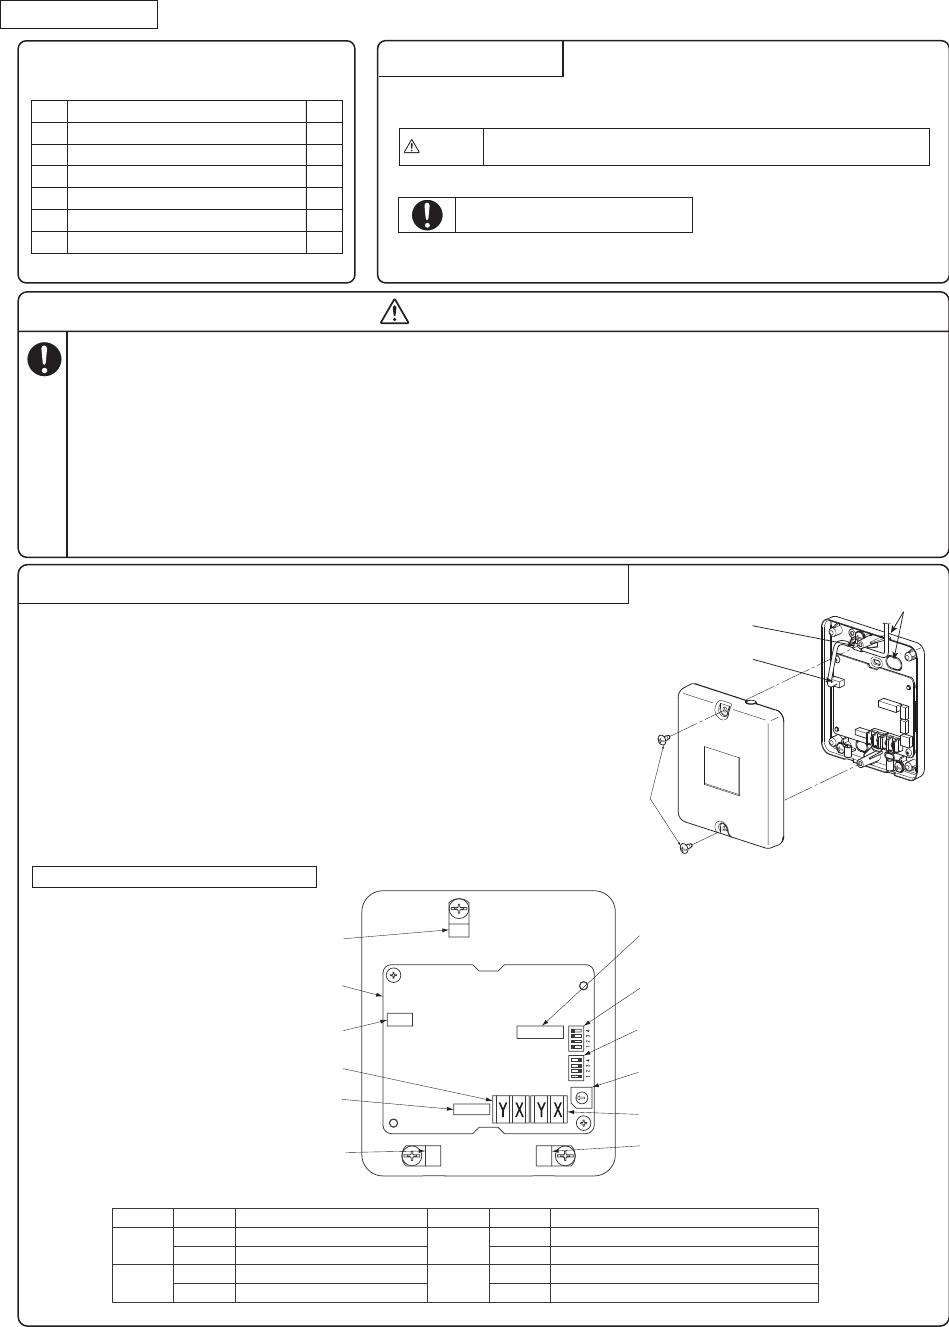 Bedienungsanleitung Mitsubishi Srk60zmx S Seite 92 Von 103 Englisch Vrf Wiring Diagram